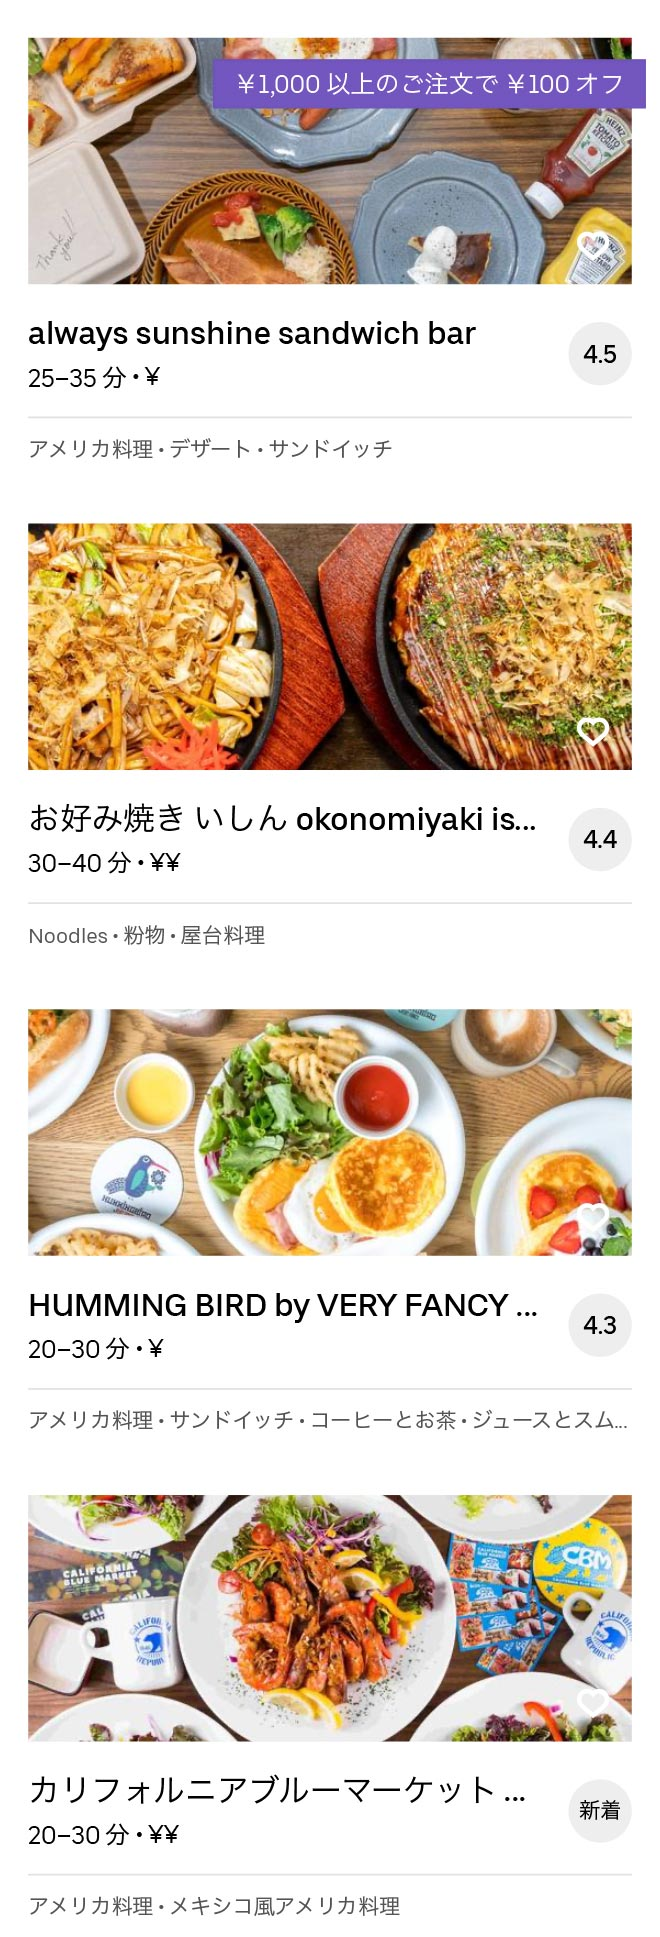 Kokura menu 2008 10